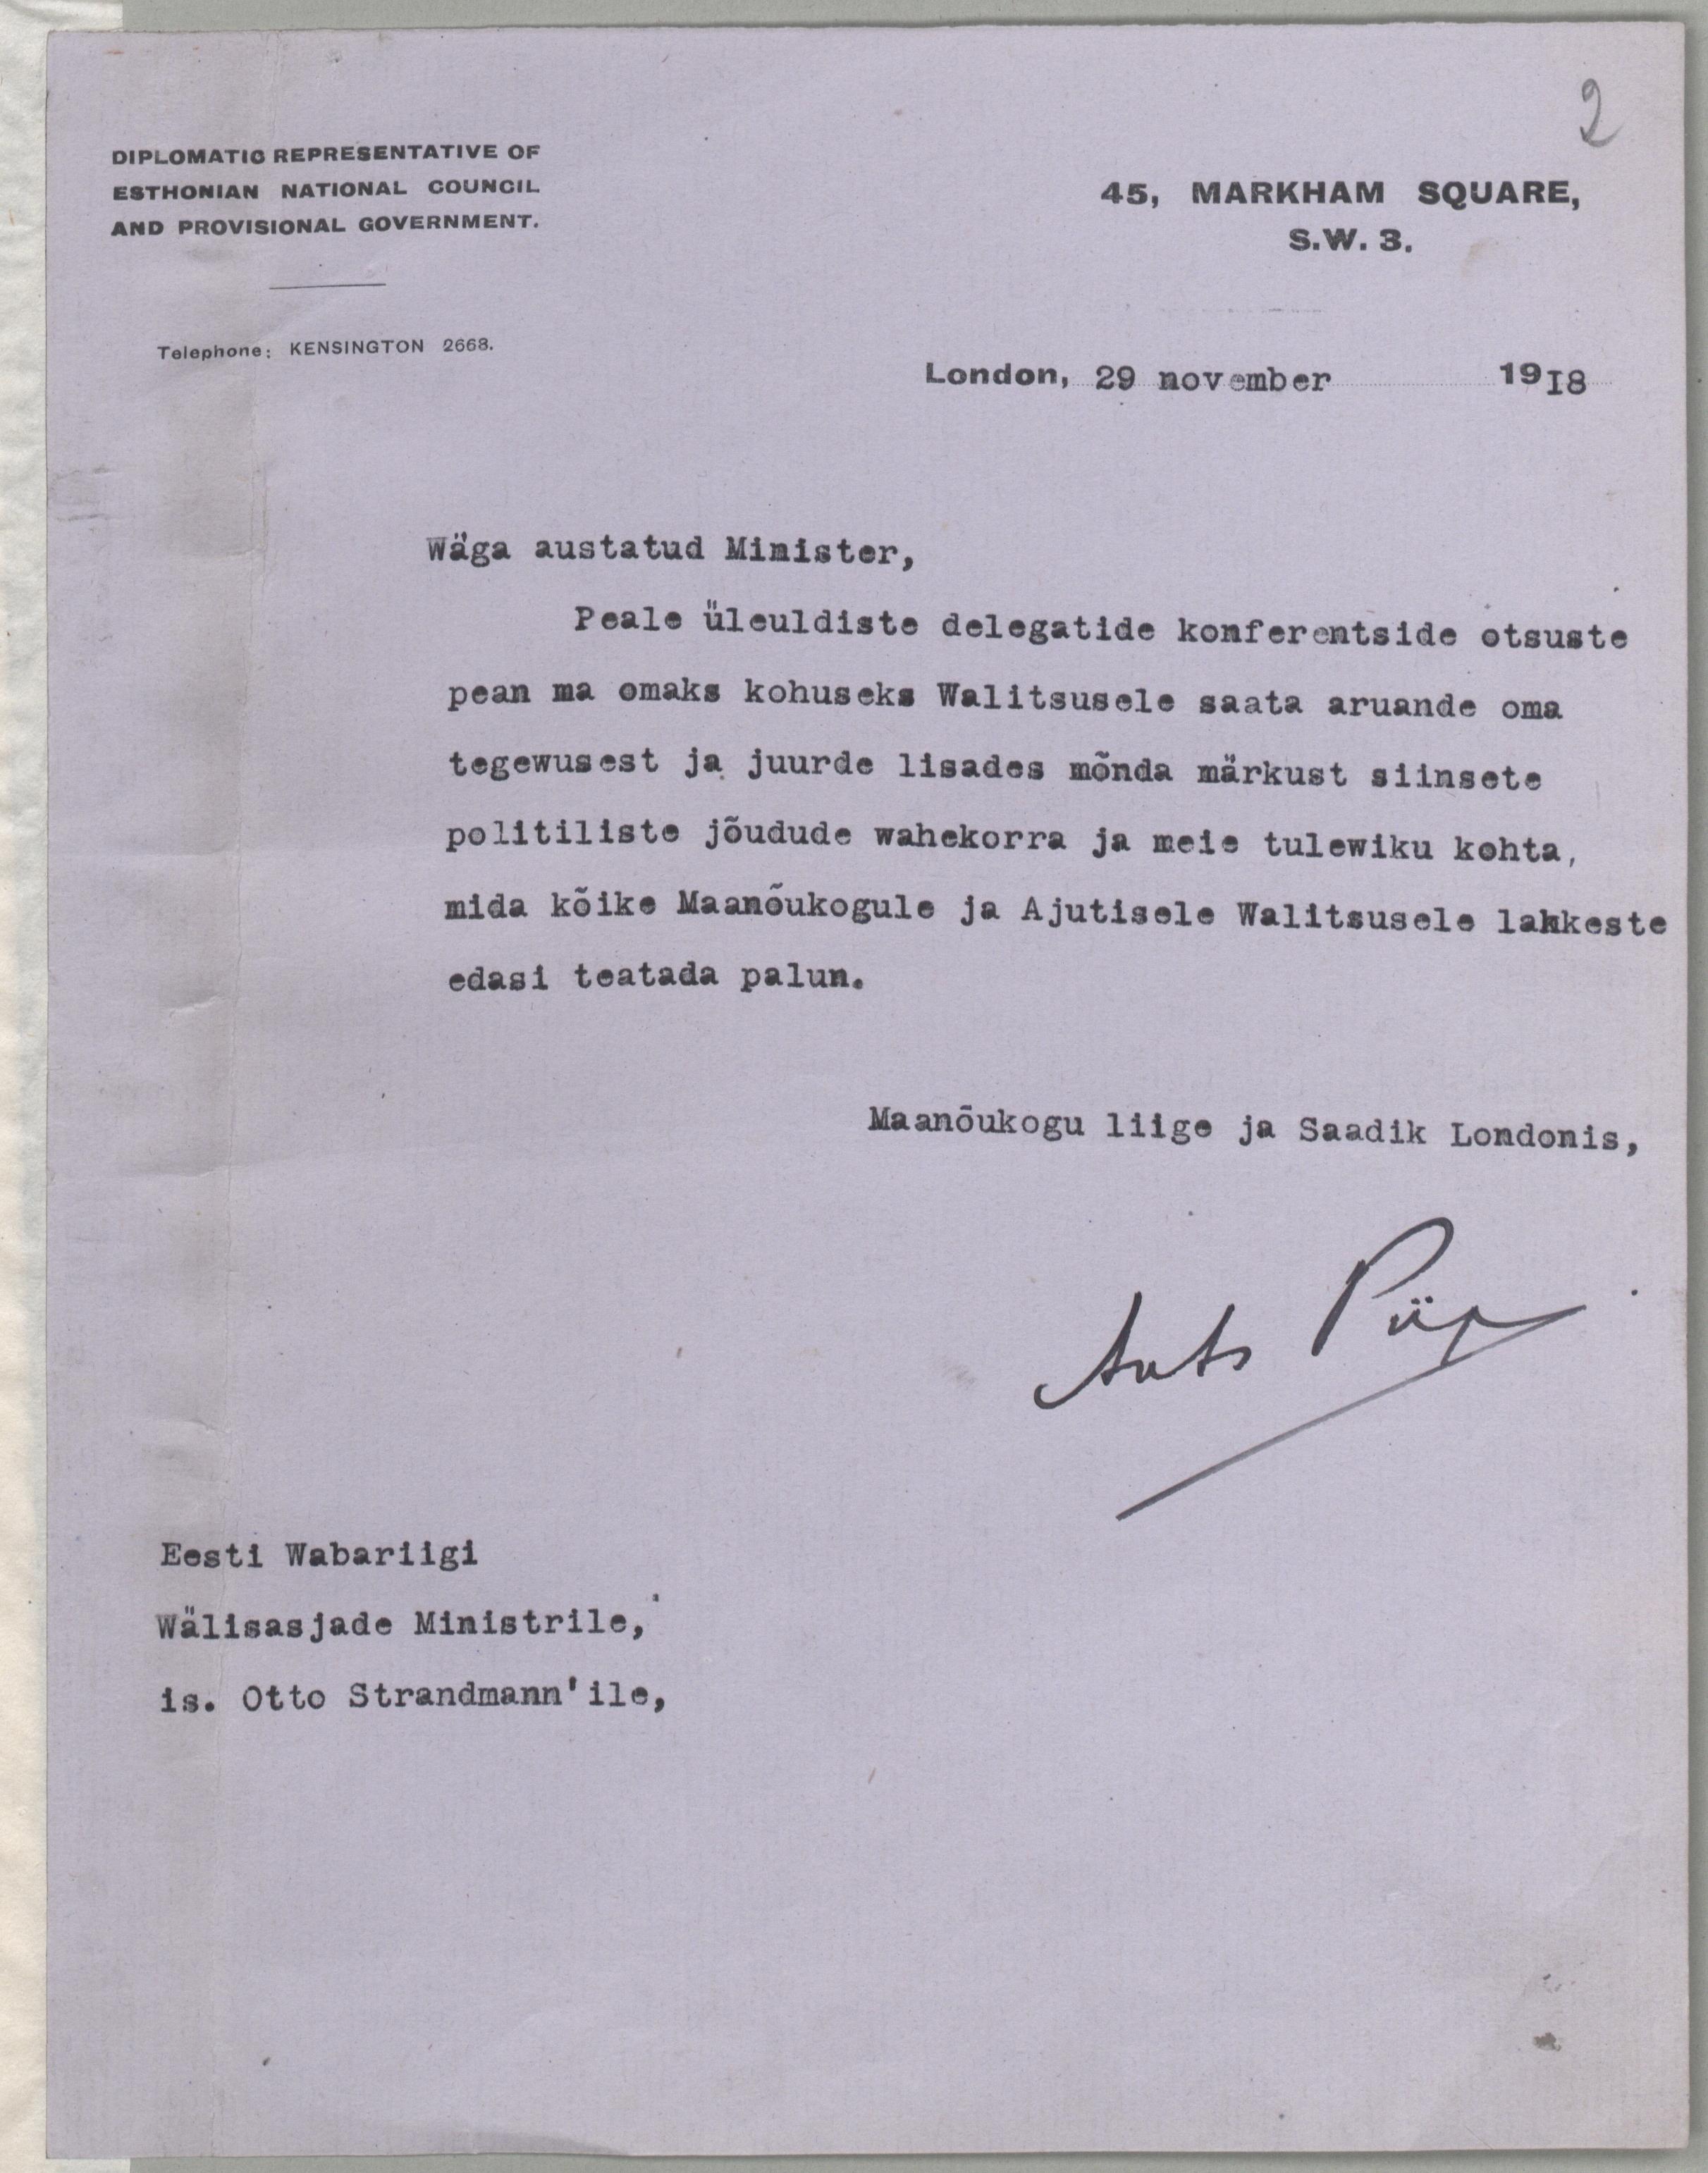 Maanõukogu liikme ja Londoni saadiku Ants Piibu teade EW Välisasjade ministrile Otto Strandmann'ile 1918. ERA.1619.1.1.